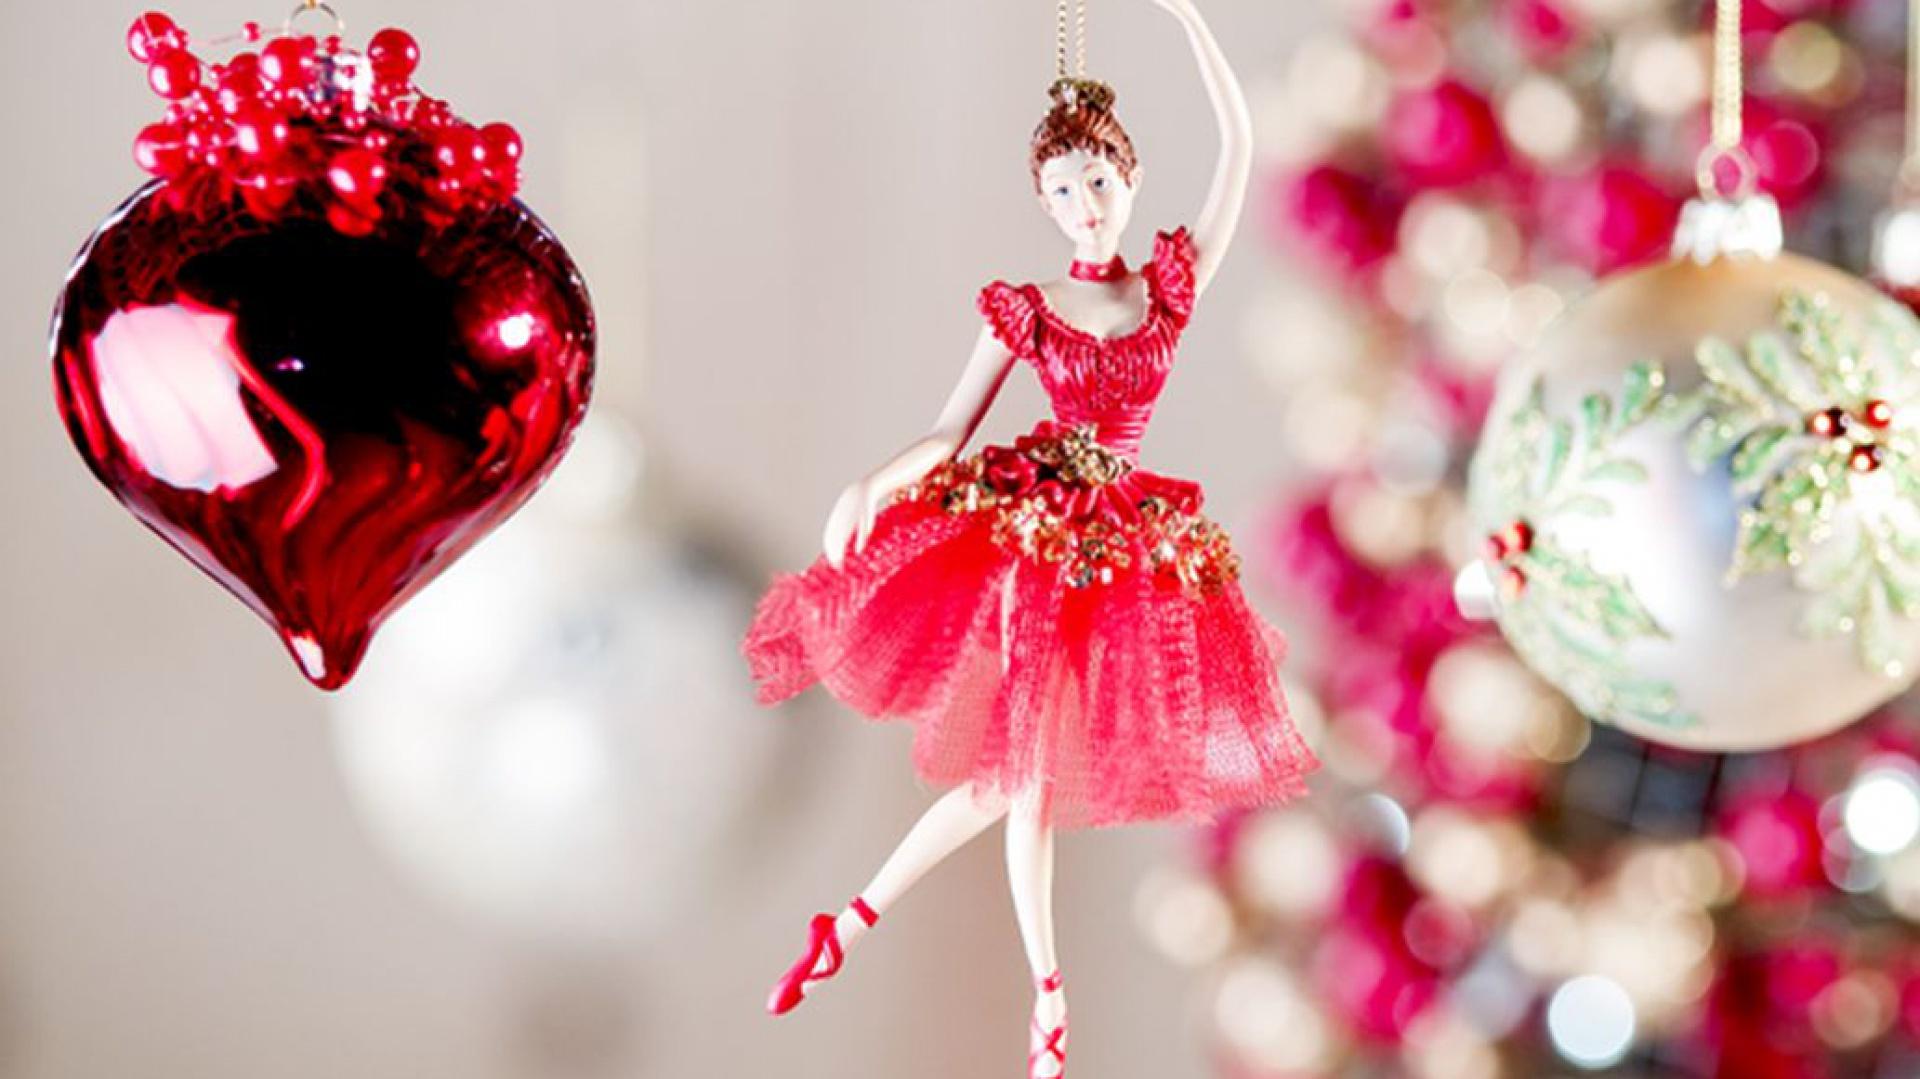 Piękne bombki z kolekcji Christmas Joy. Bajkowa baletnica przeniesie nas w magiczny czas dzieciństwa. Biała bombka ze zdobieniami jest niezwykle elegancka. Fot. Home&You.